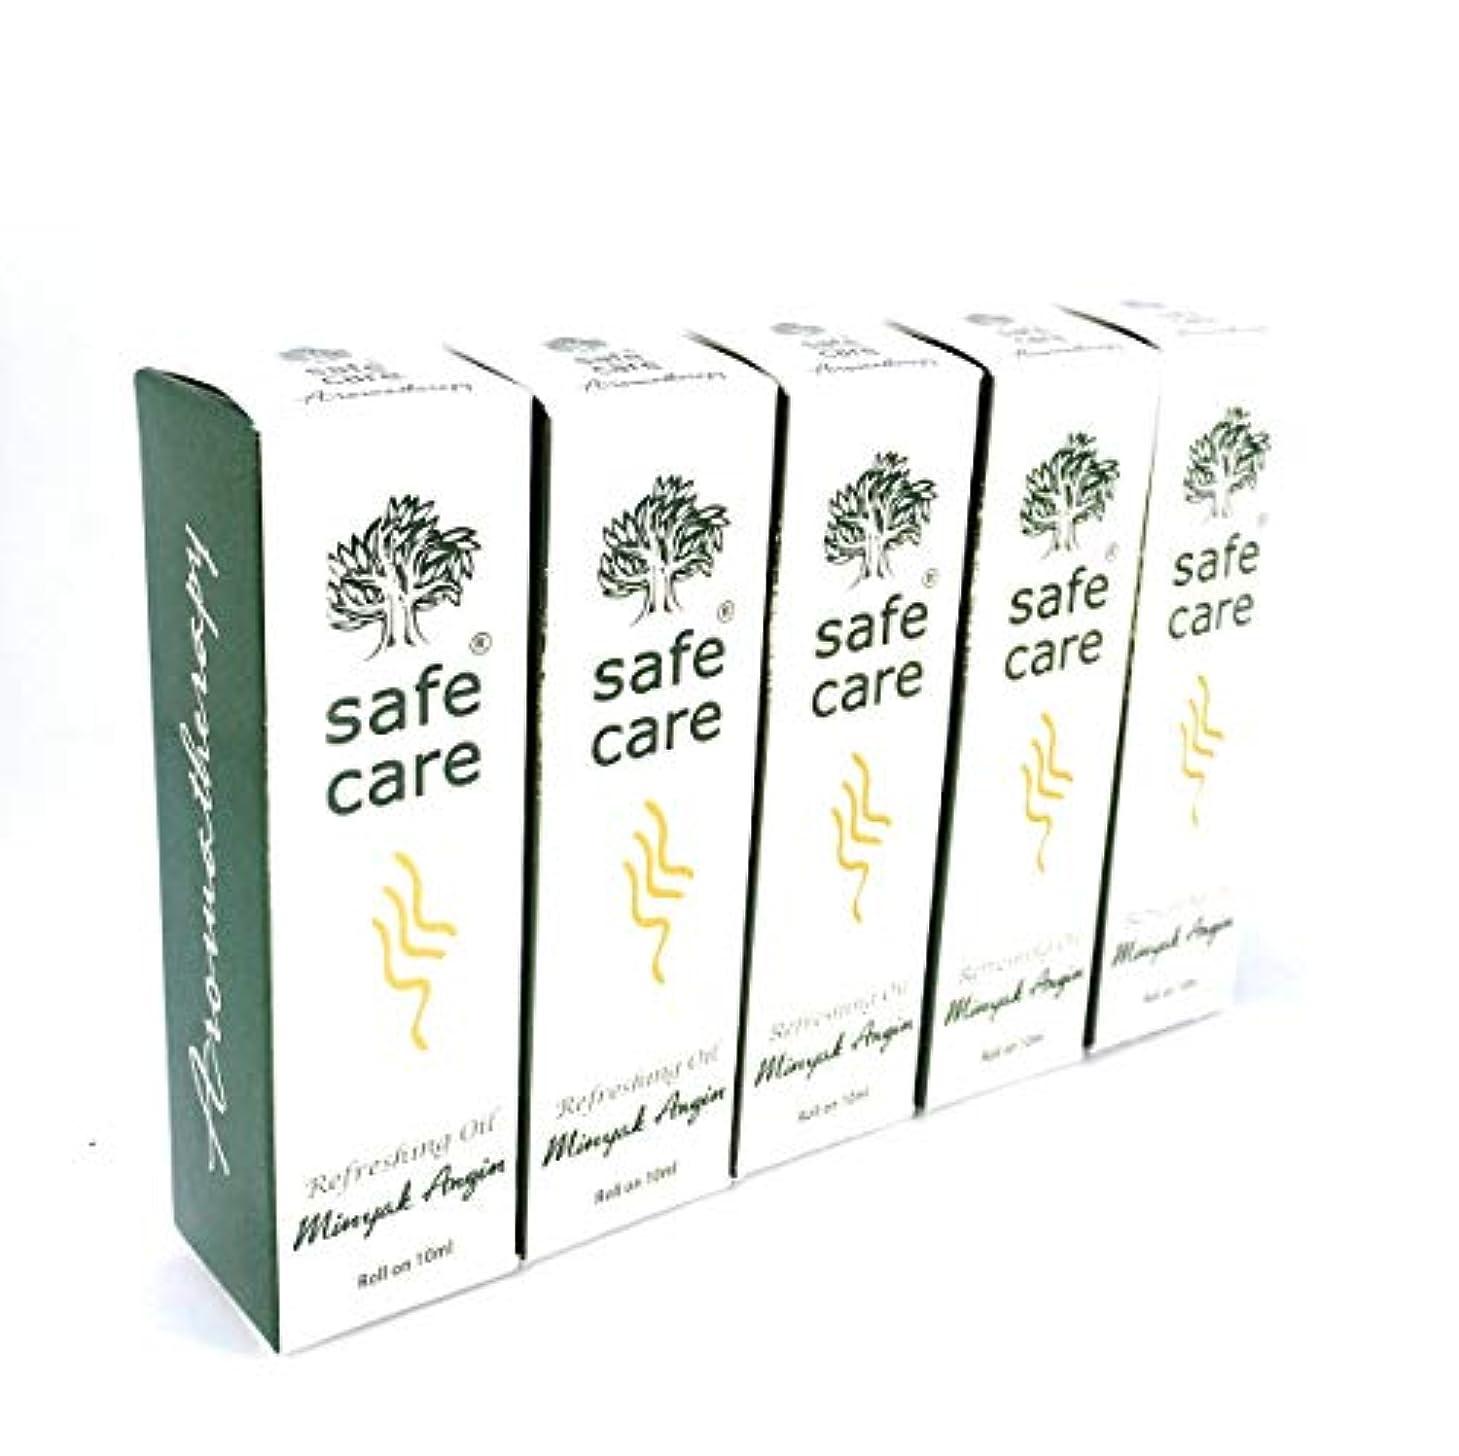 残り物貫入ヘルパーSafe Care セイフケア Aromatherapy Refreshing Oil アロマテラピー リフレッシュオイル ロールオン 10ml × 5本セット [並行輸入品][海外直送品]